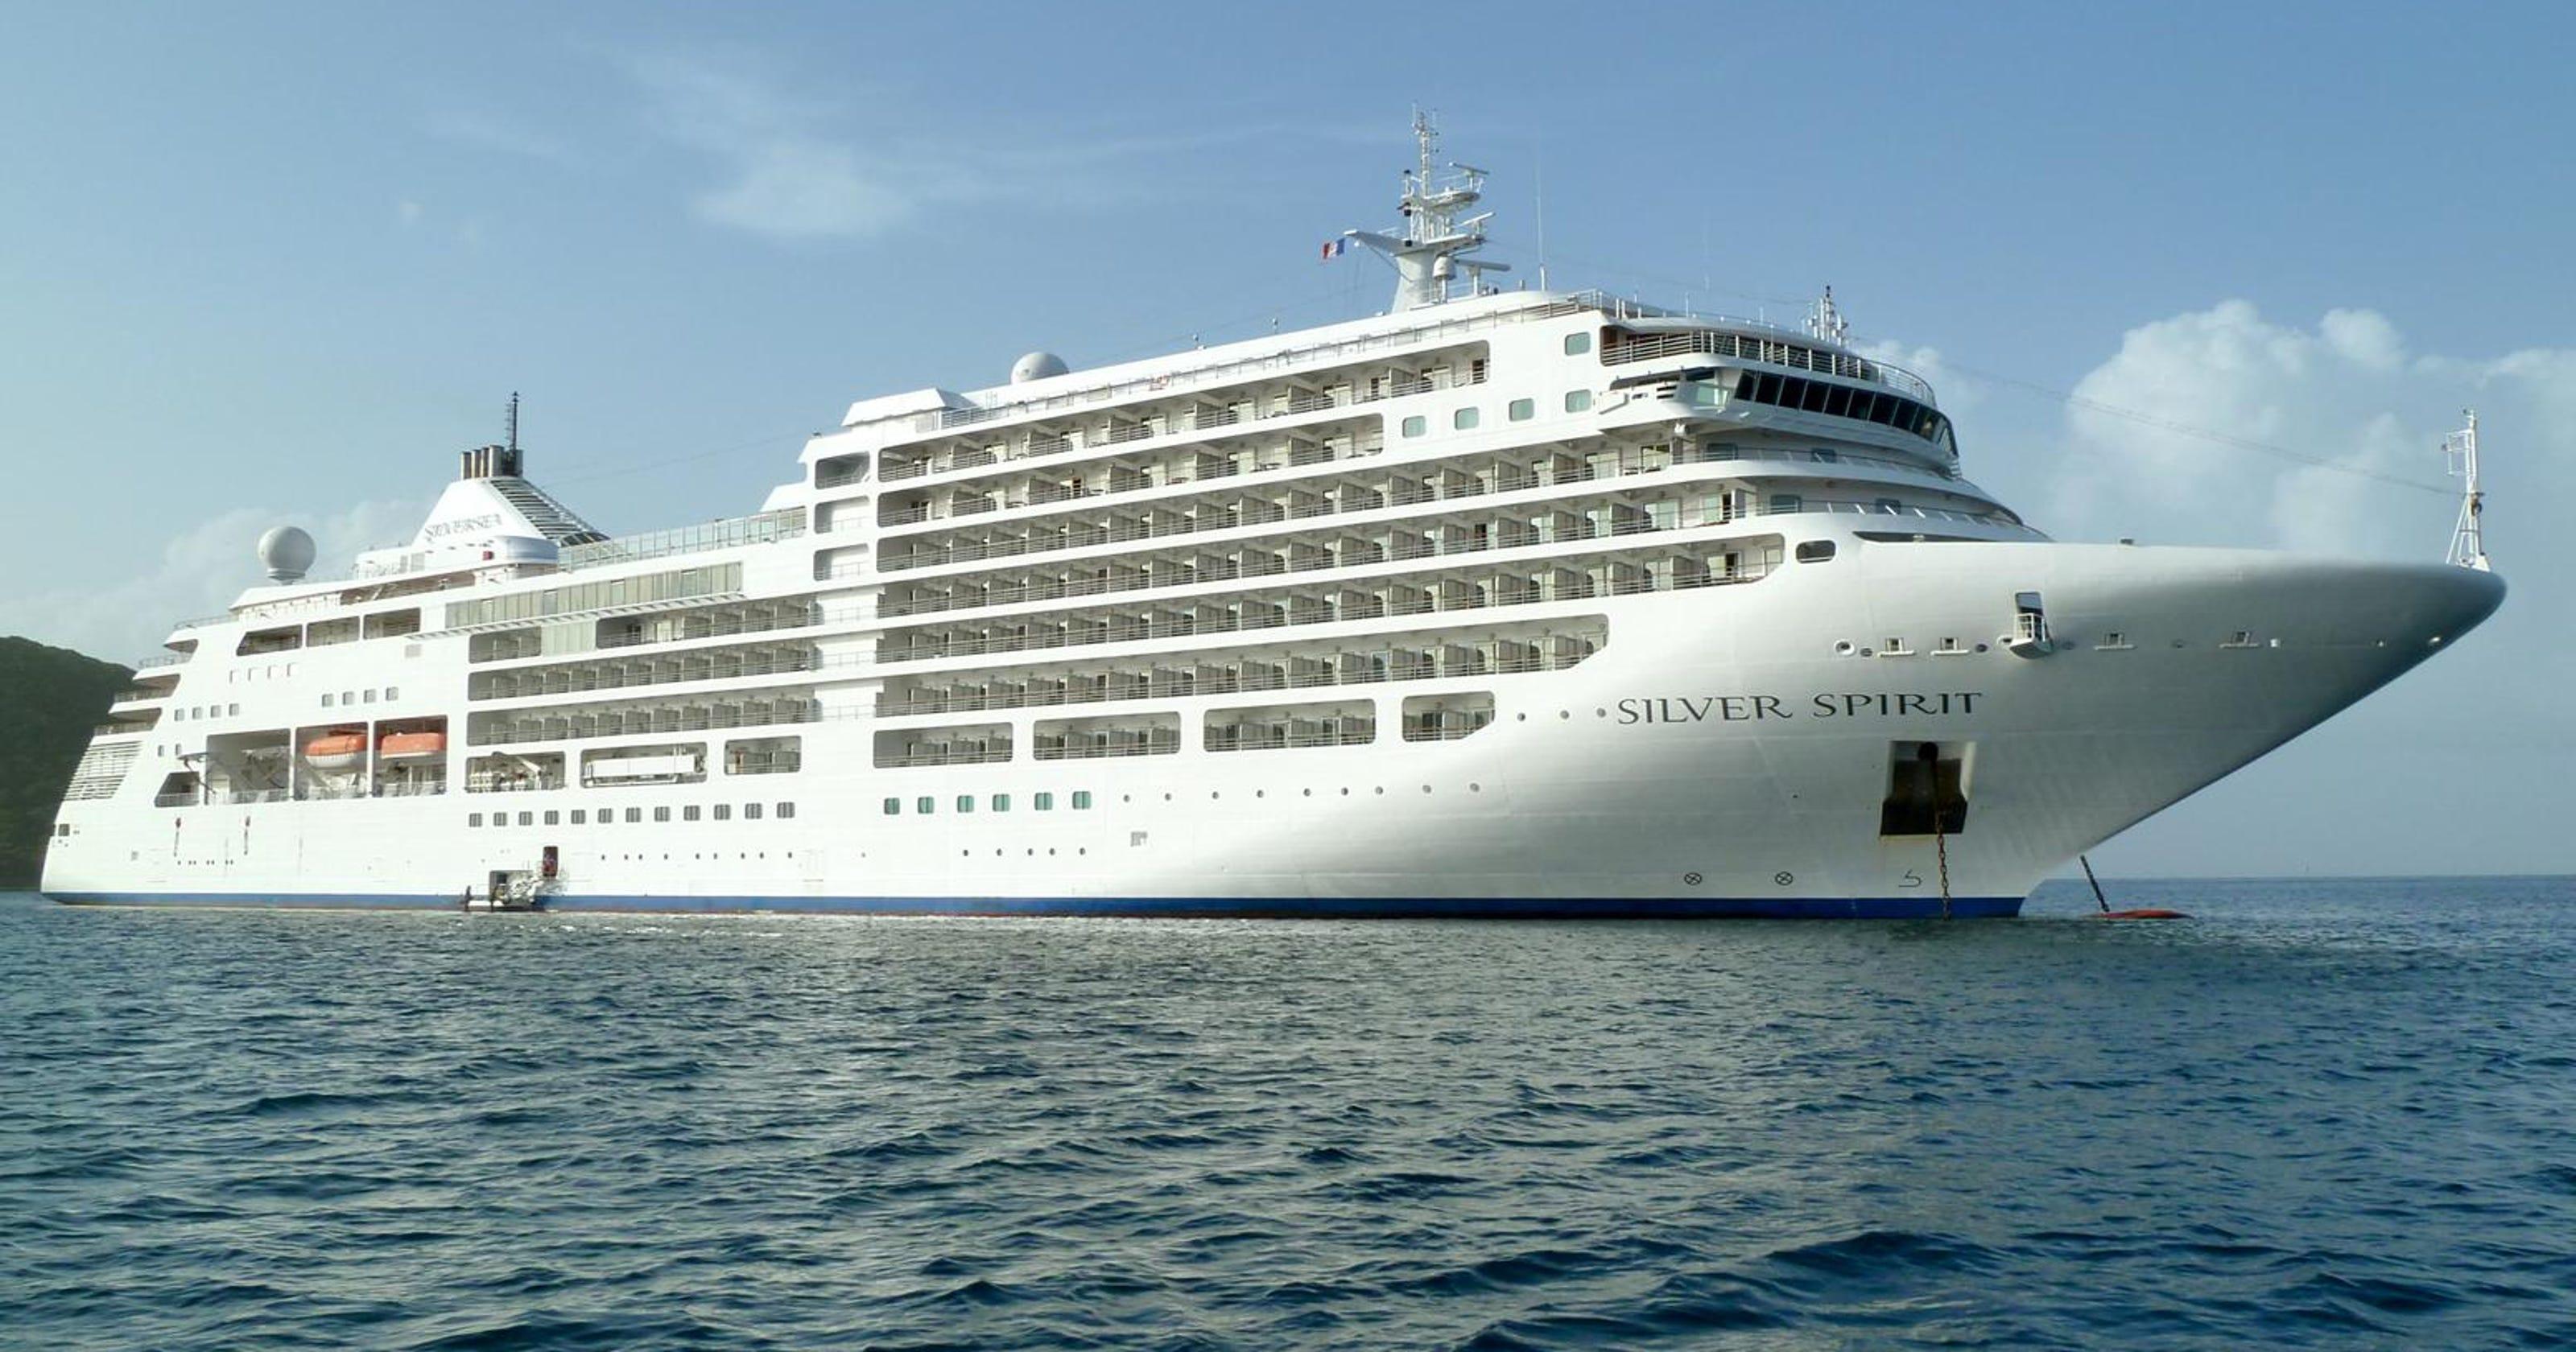 Cruise Ship Review: Silversea Cruises' Silver Spirit